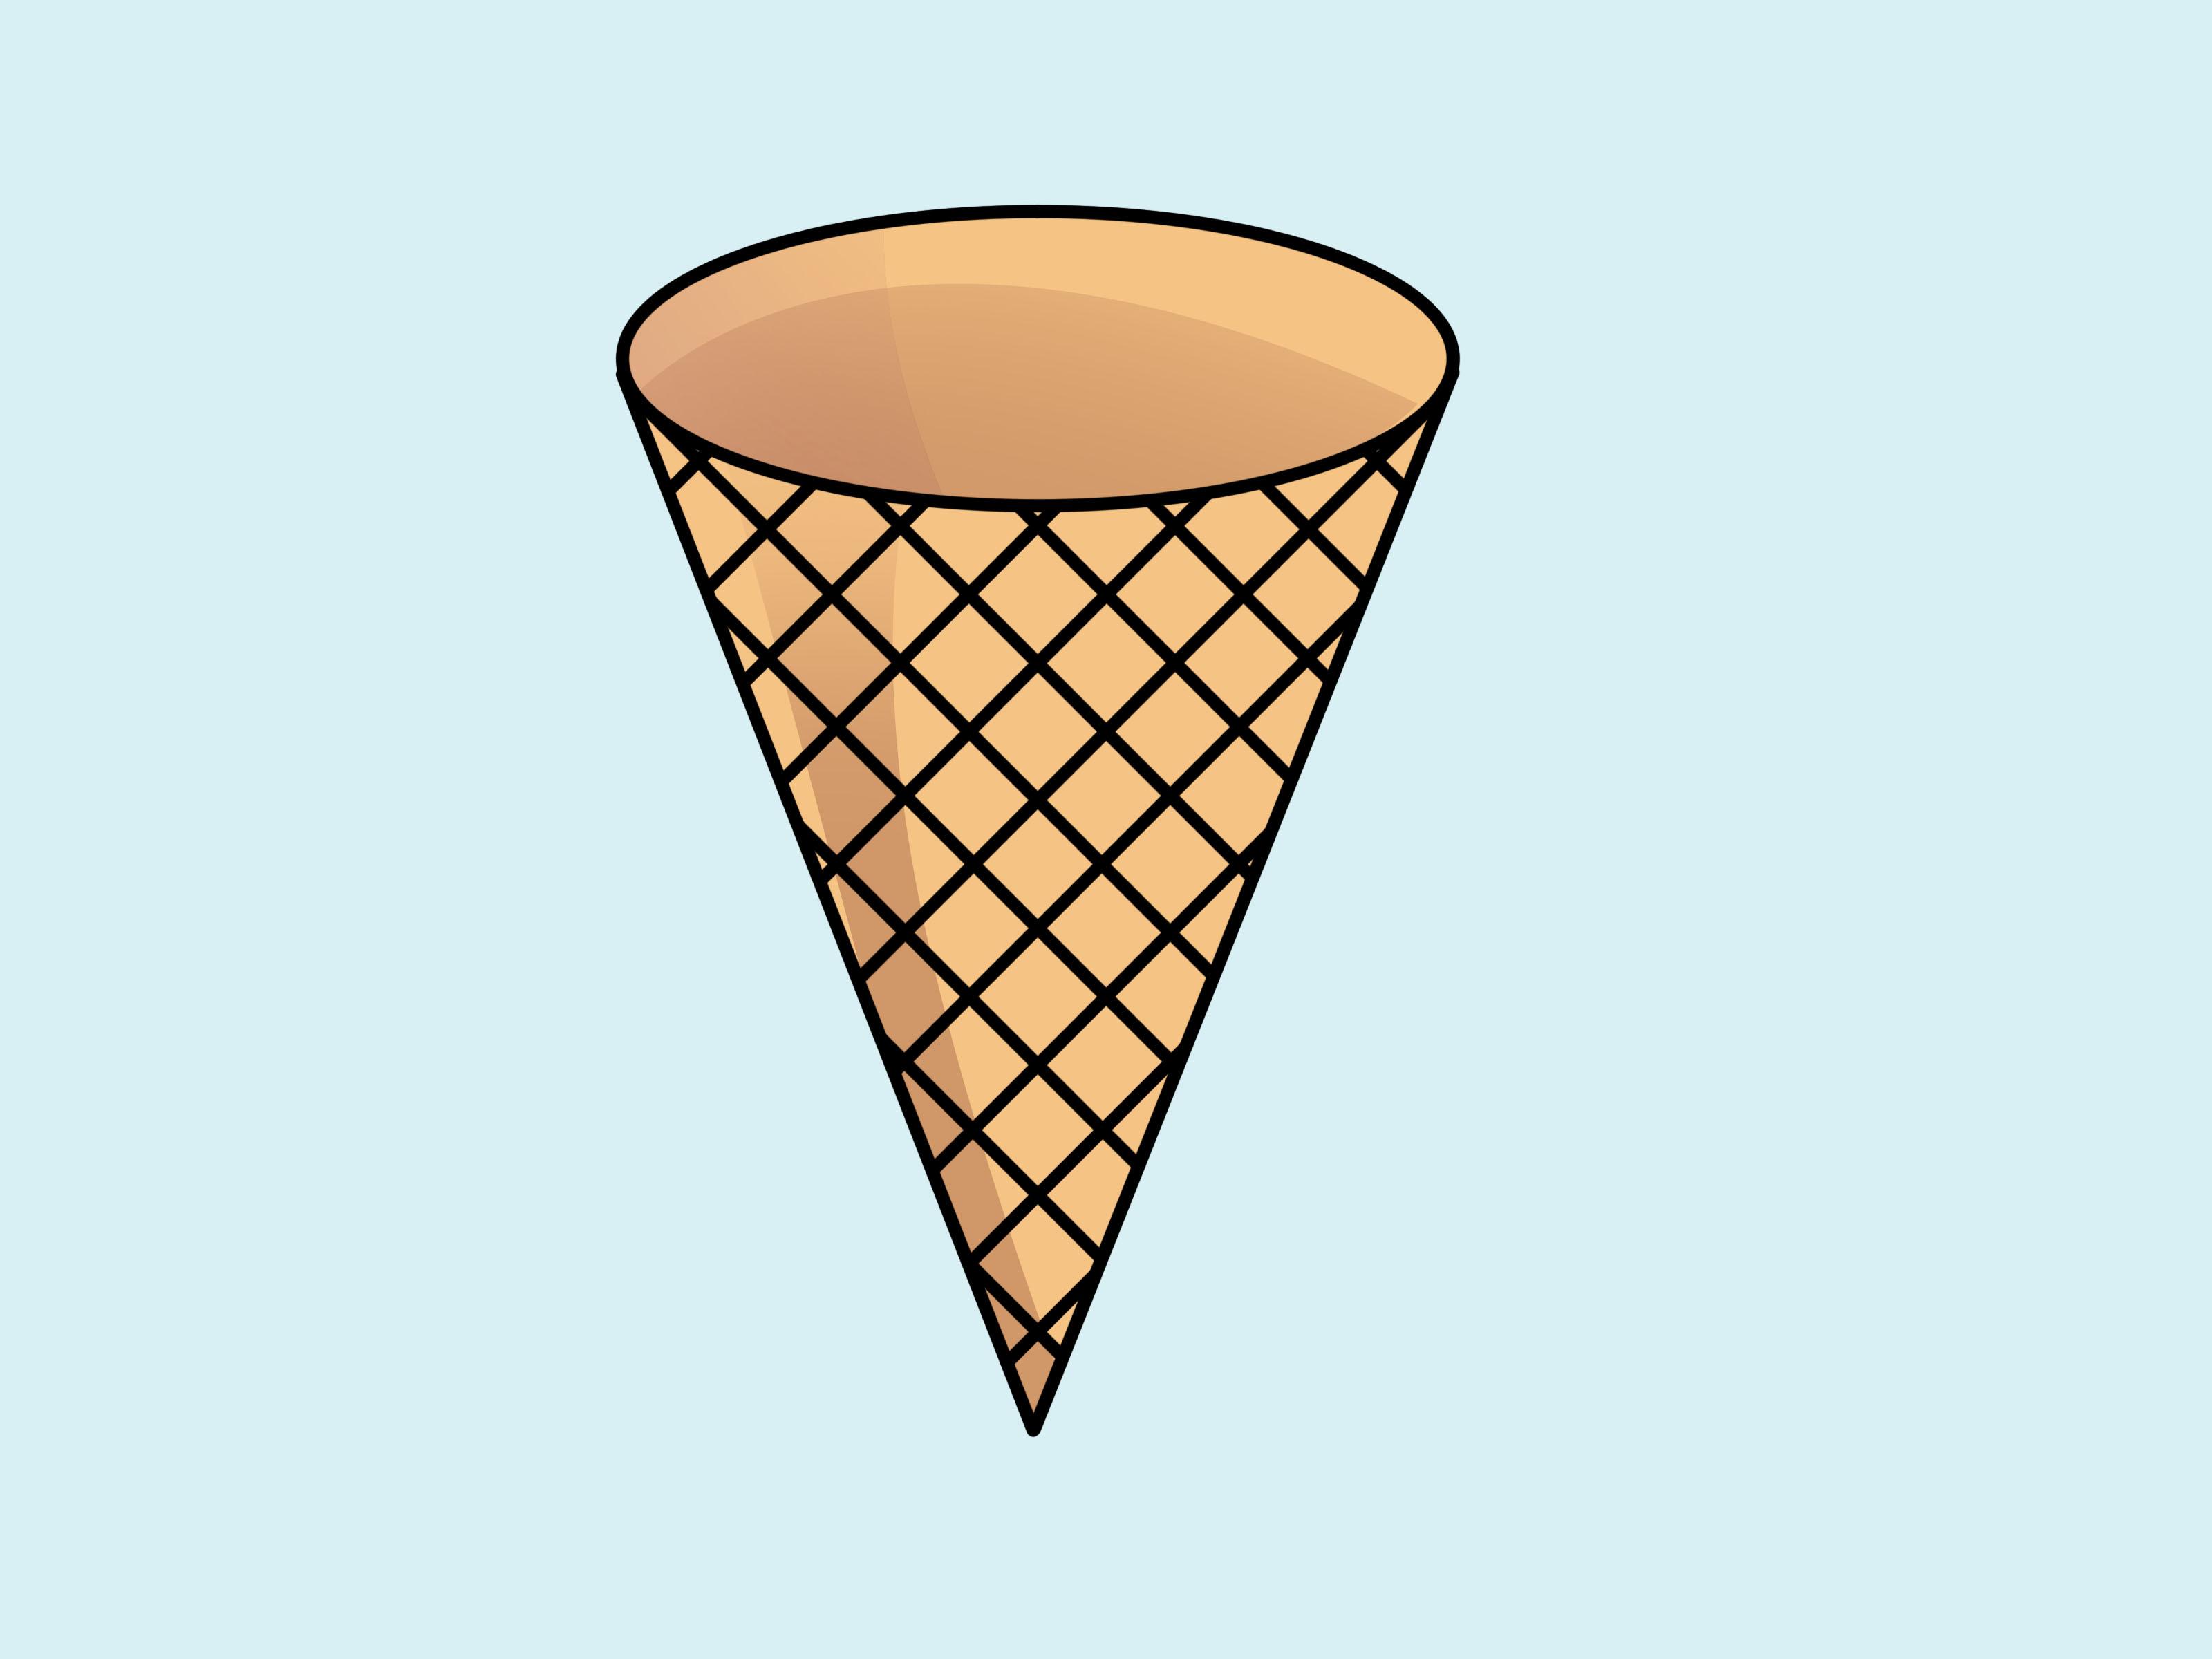 Ice cream cone ice clip art images image-Ice cream cone ice clip art images image 0-8